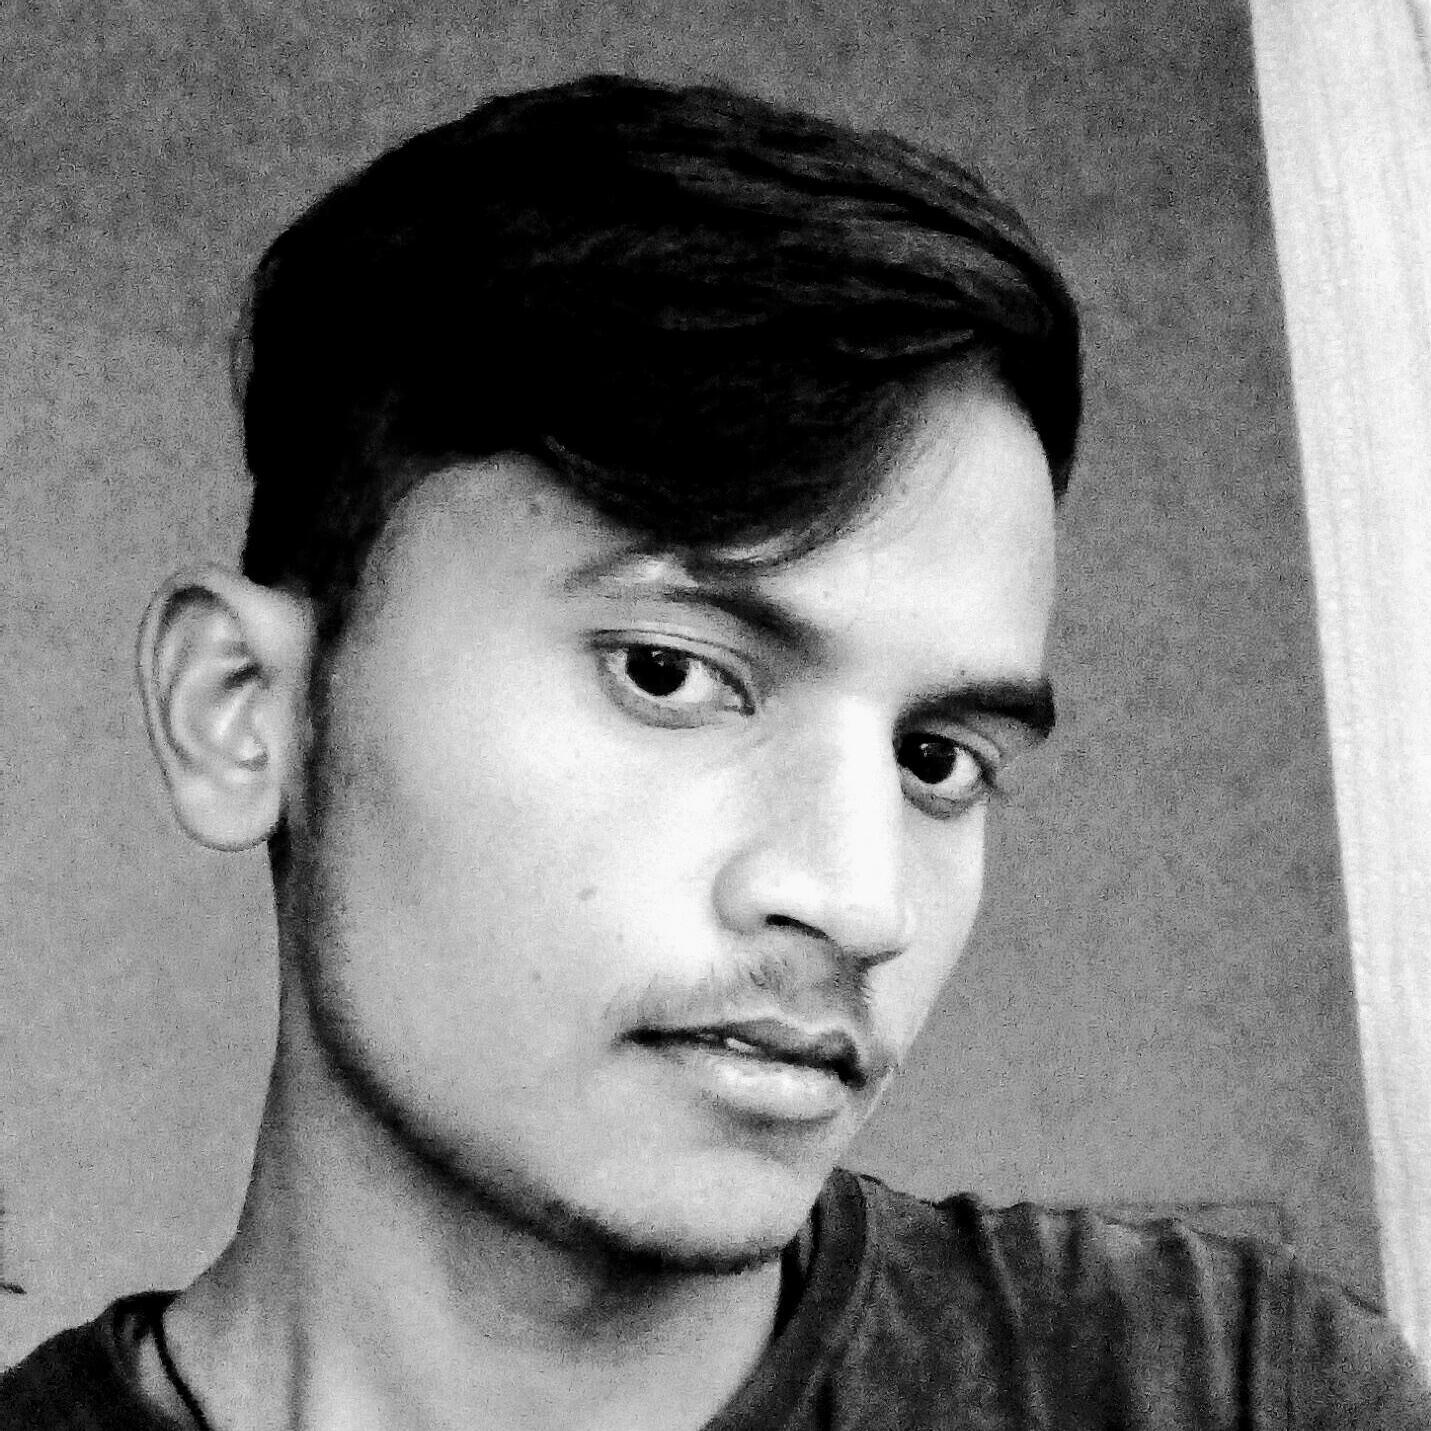 Sanjaynishad